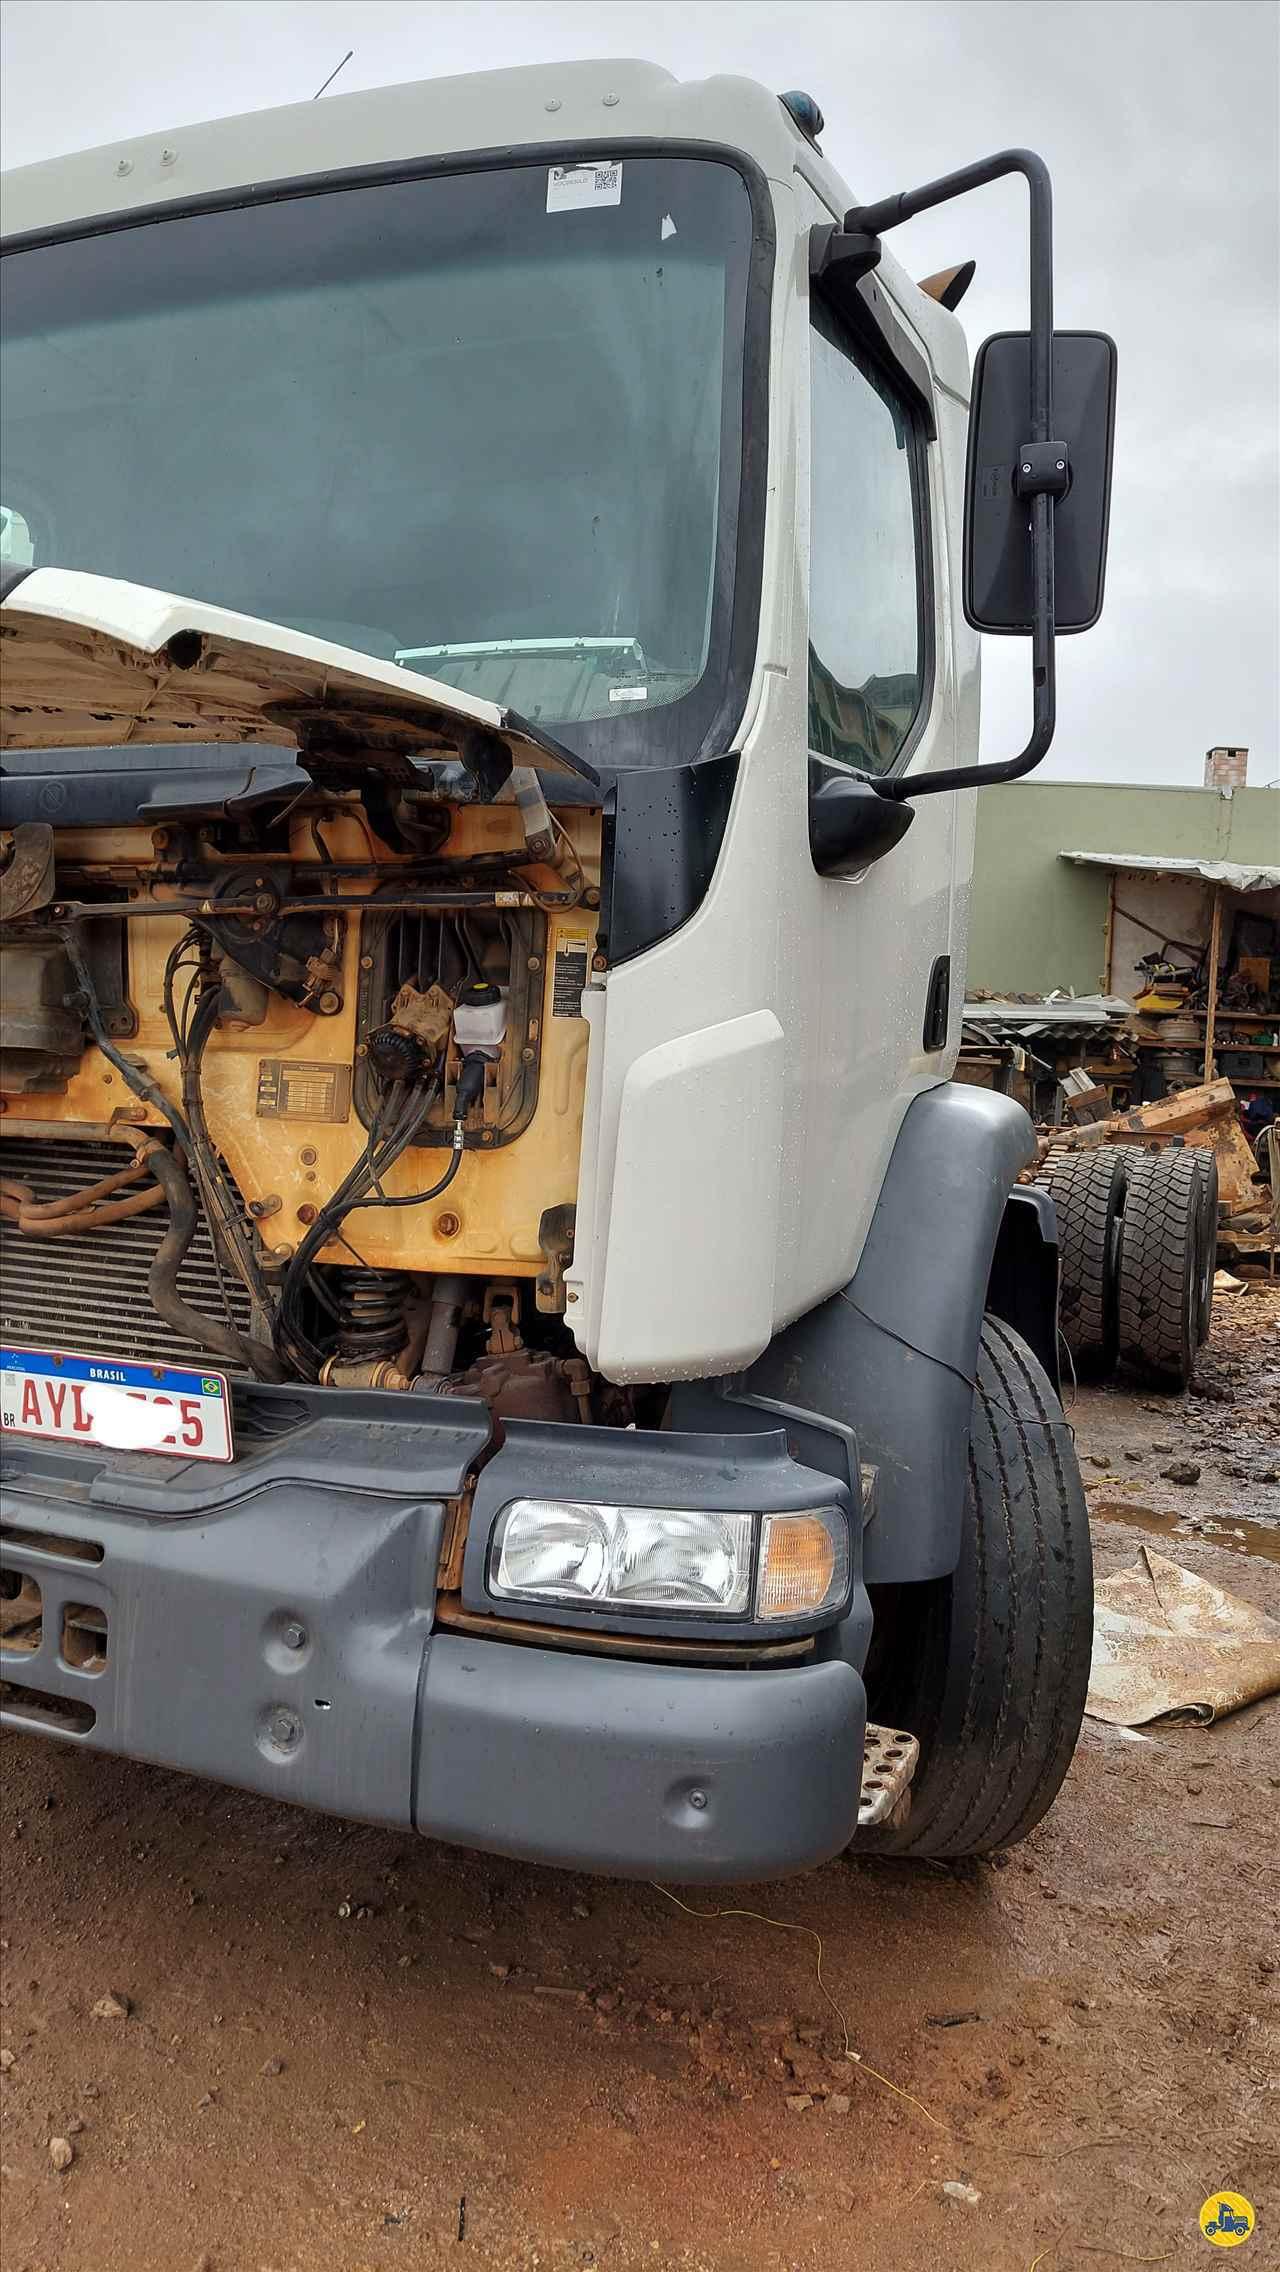 CAMINHAO VOLVO VOLVO VM 270 Chassis Traçado 6x4 CrM Caminhões e Intermediações - Sua Loja Digital CAMPINA GRANDE DO SUL PARANÁ PR